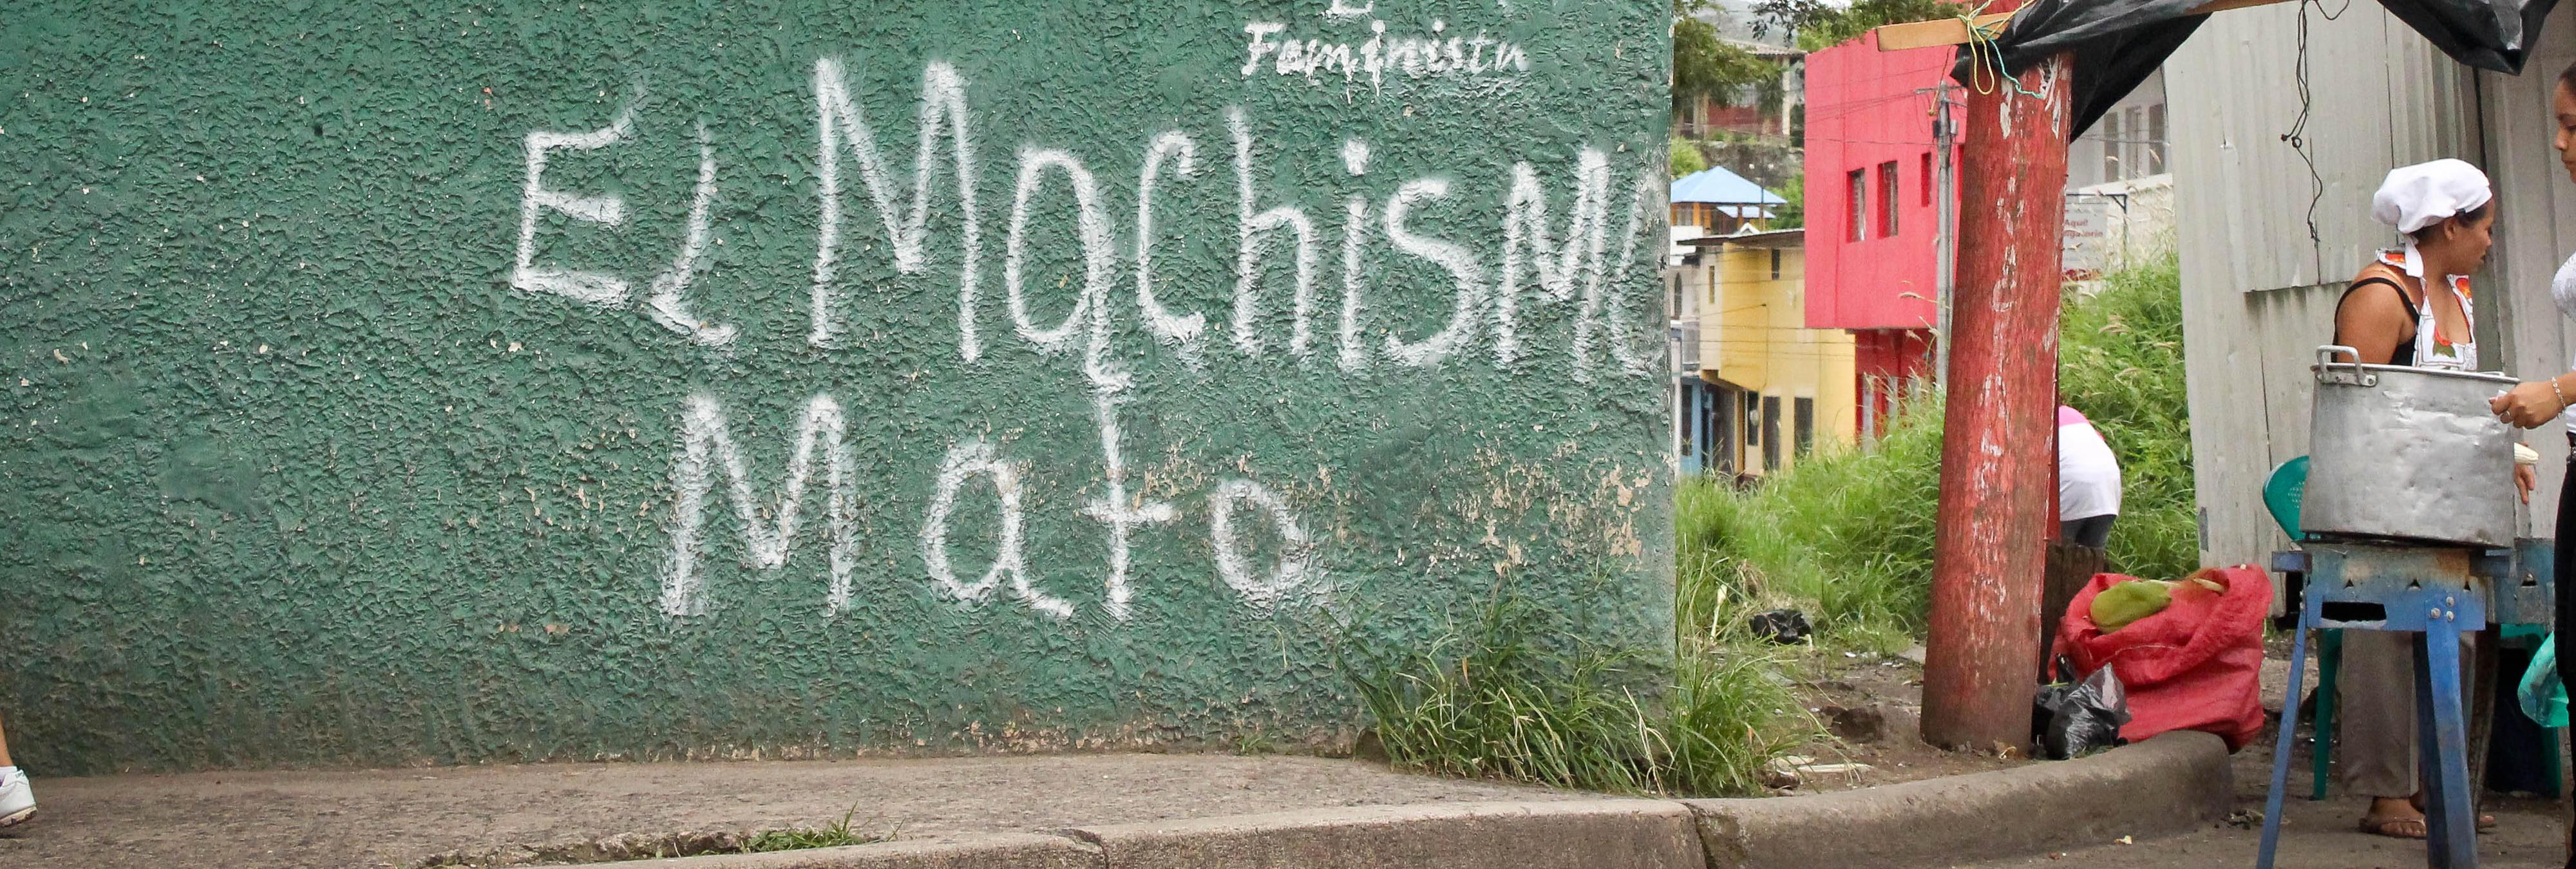 Las 5 frases clave del vídeo del alcalde de Alcorcón criticando el feminismo